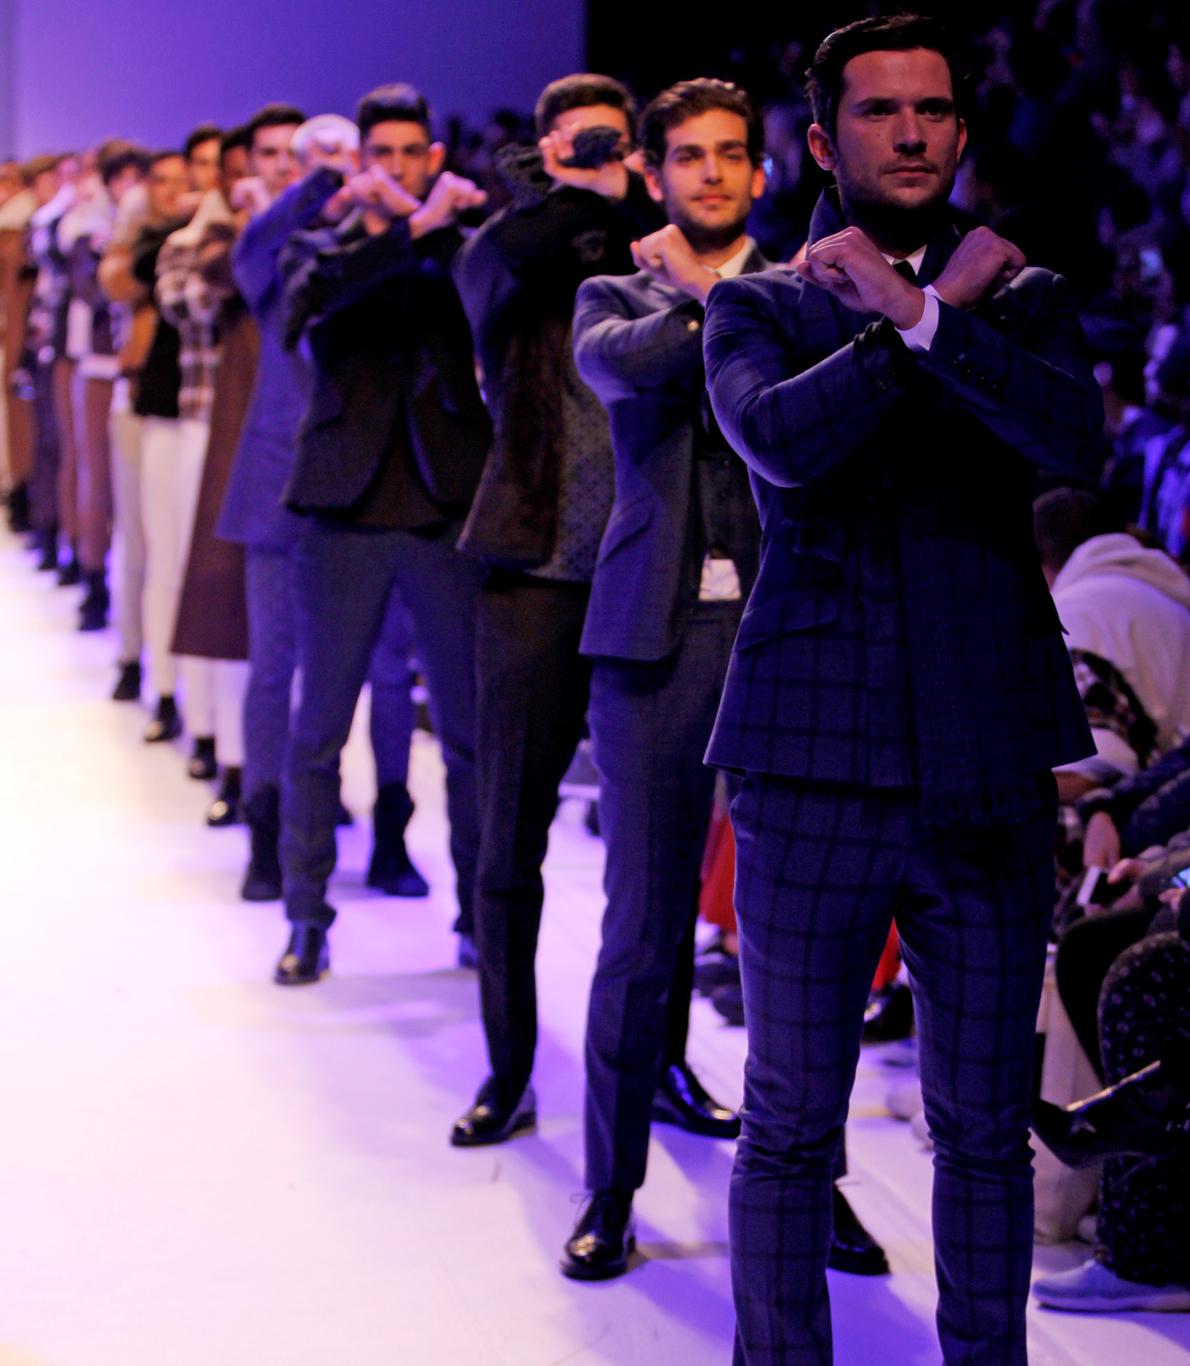 """Na homenagem à banda de rock portuguesa, Xutos e Pontapés, Nuno Gama alinhou todos os modelos em fila, com os braços em forma de """"X"""", junto ao peito."""